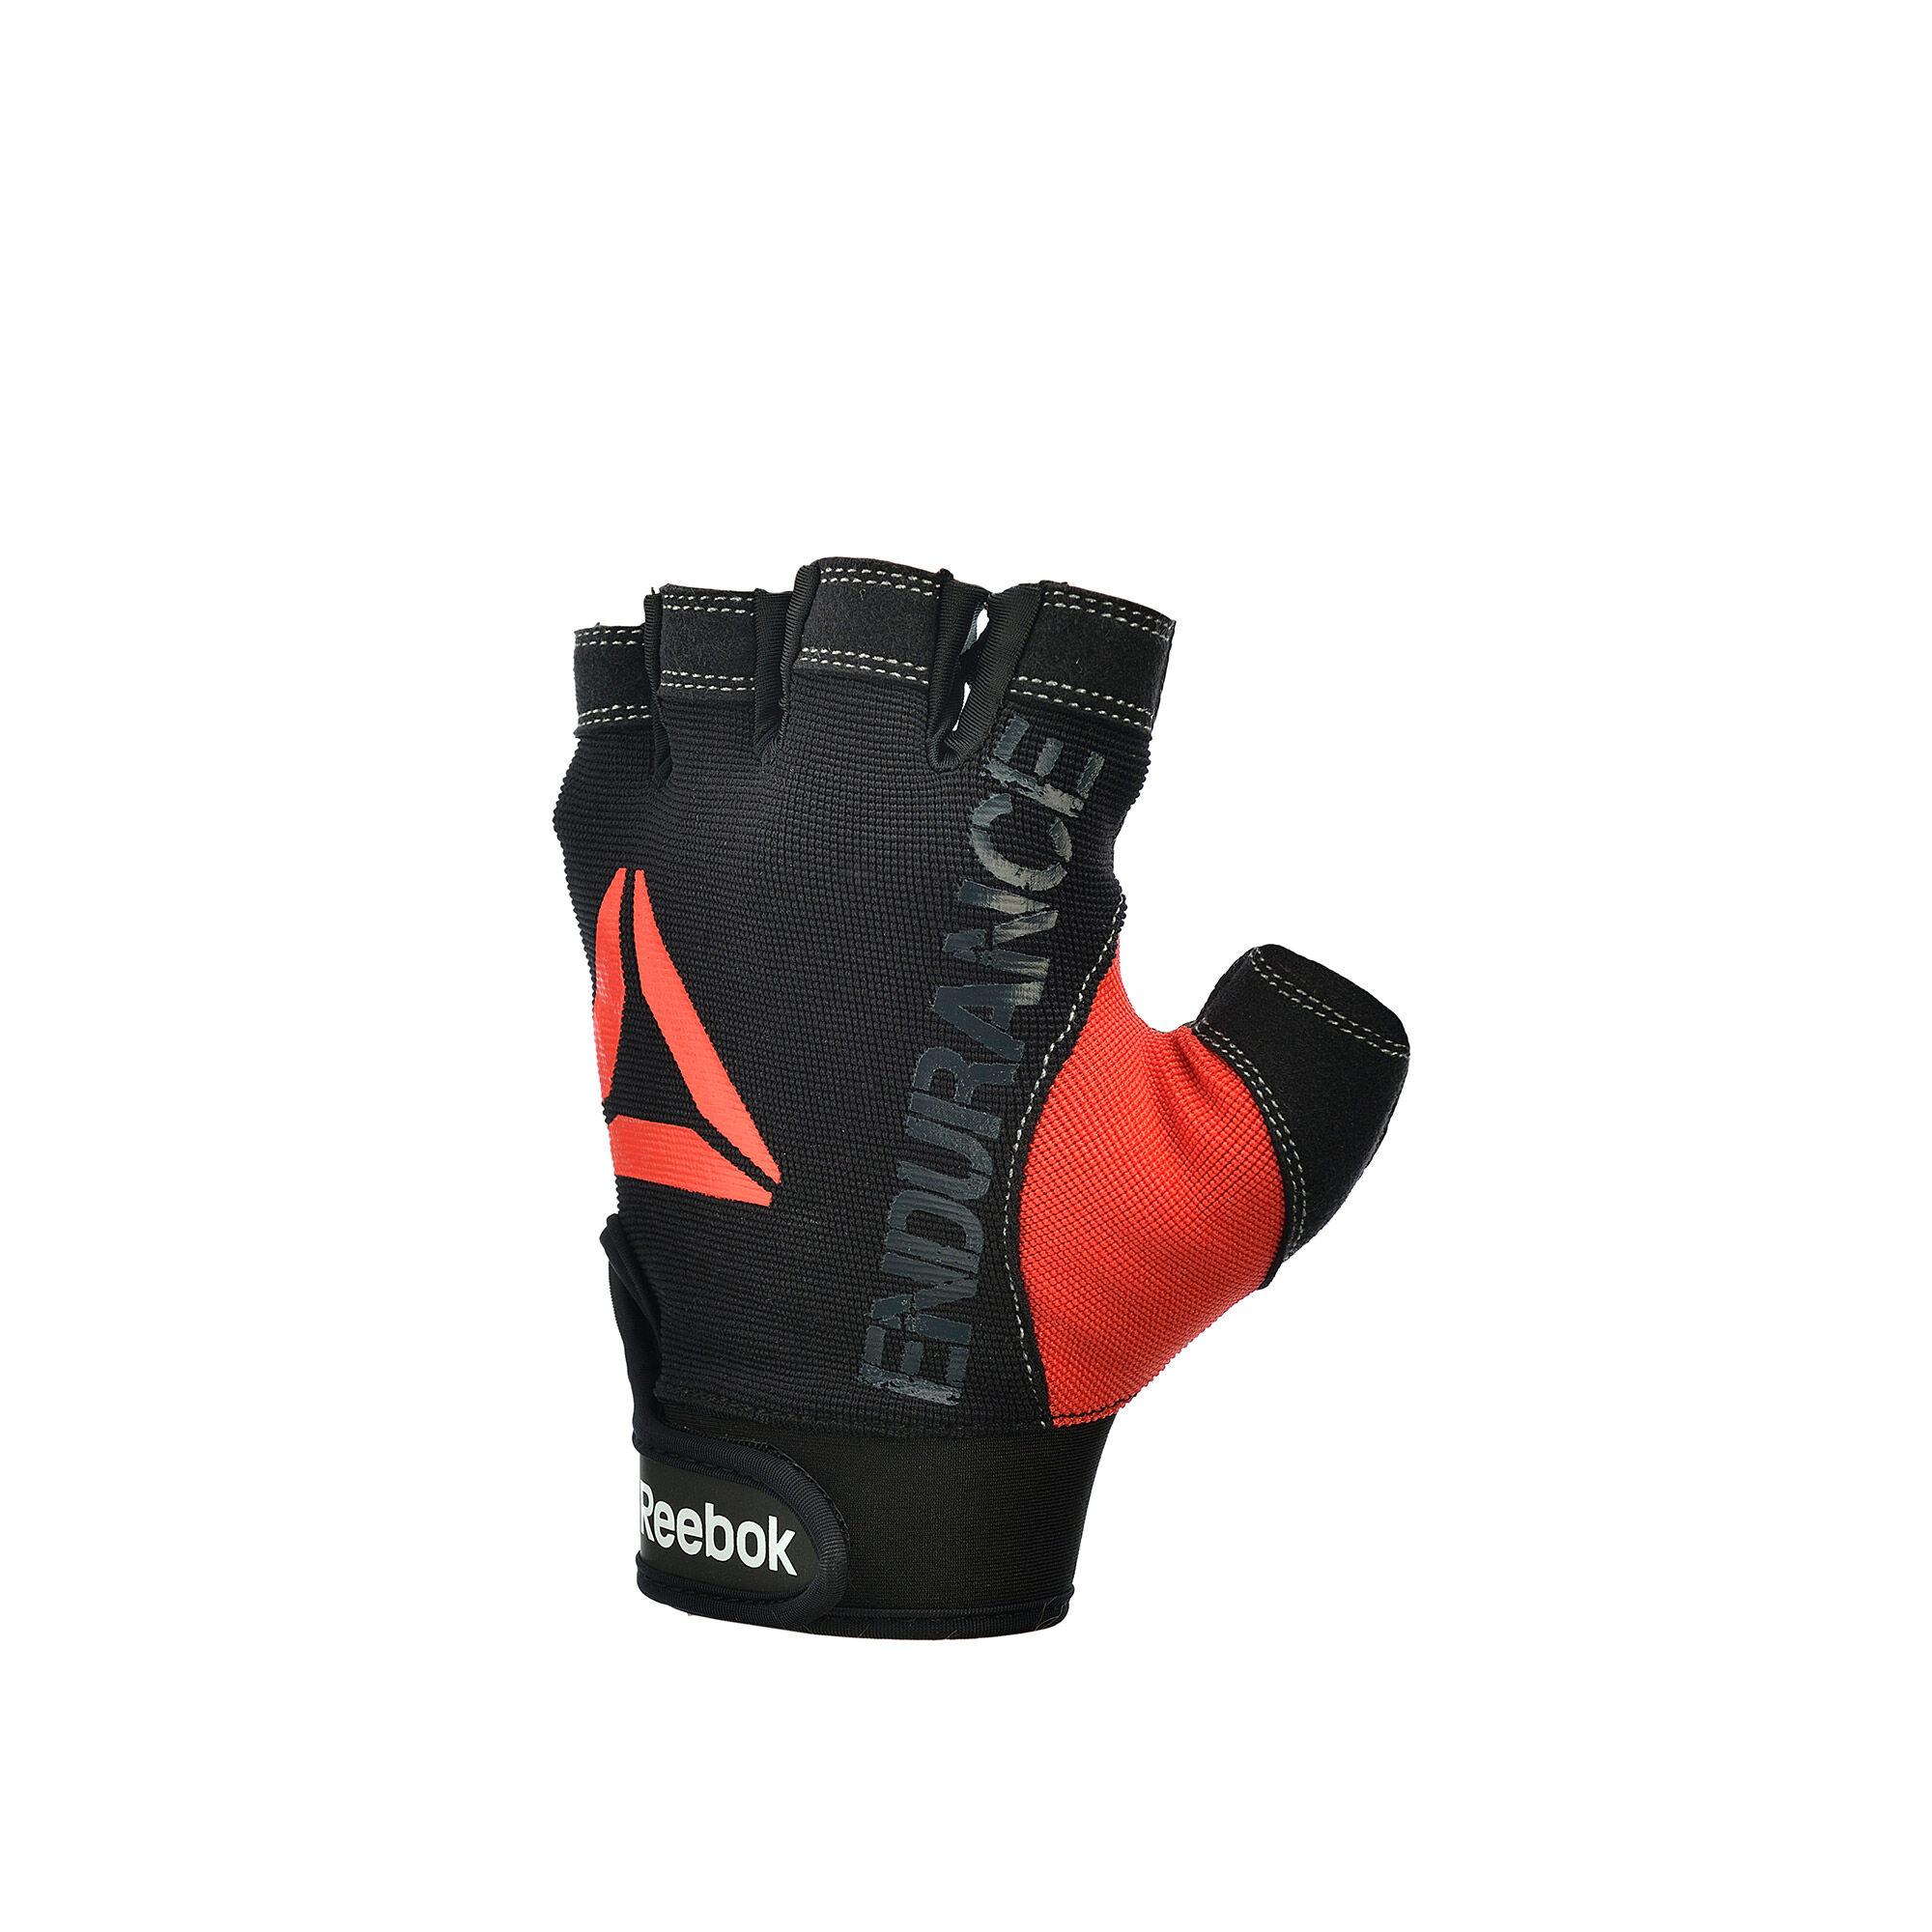 Reebok - Strength Glove - Grey M Black/Red B78748